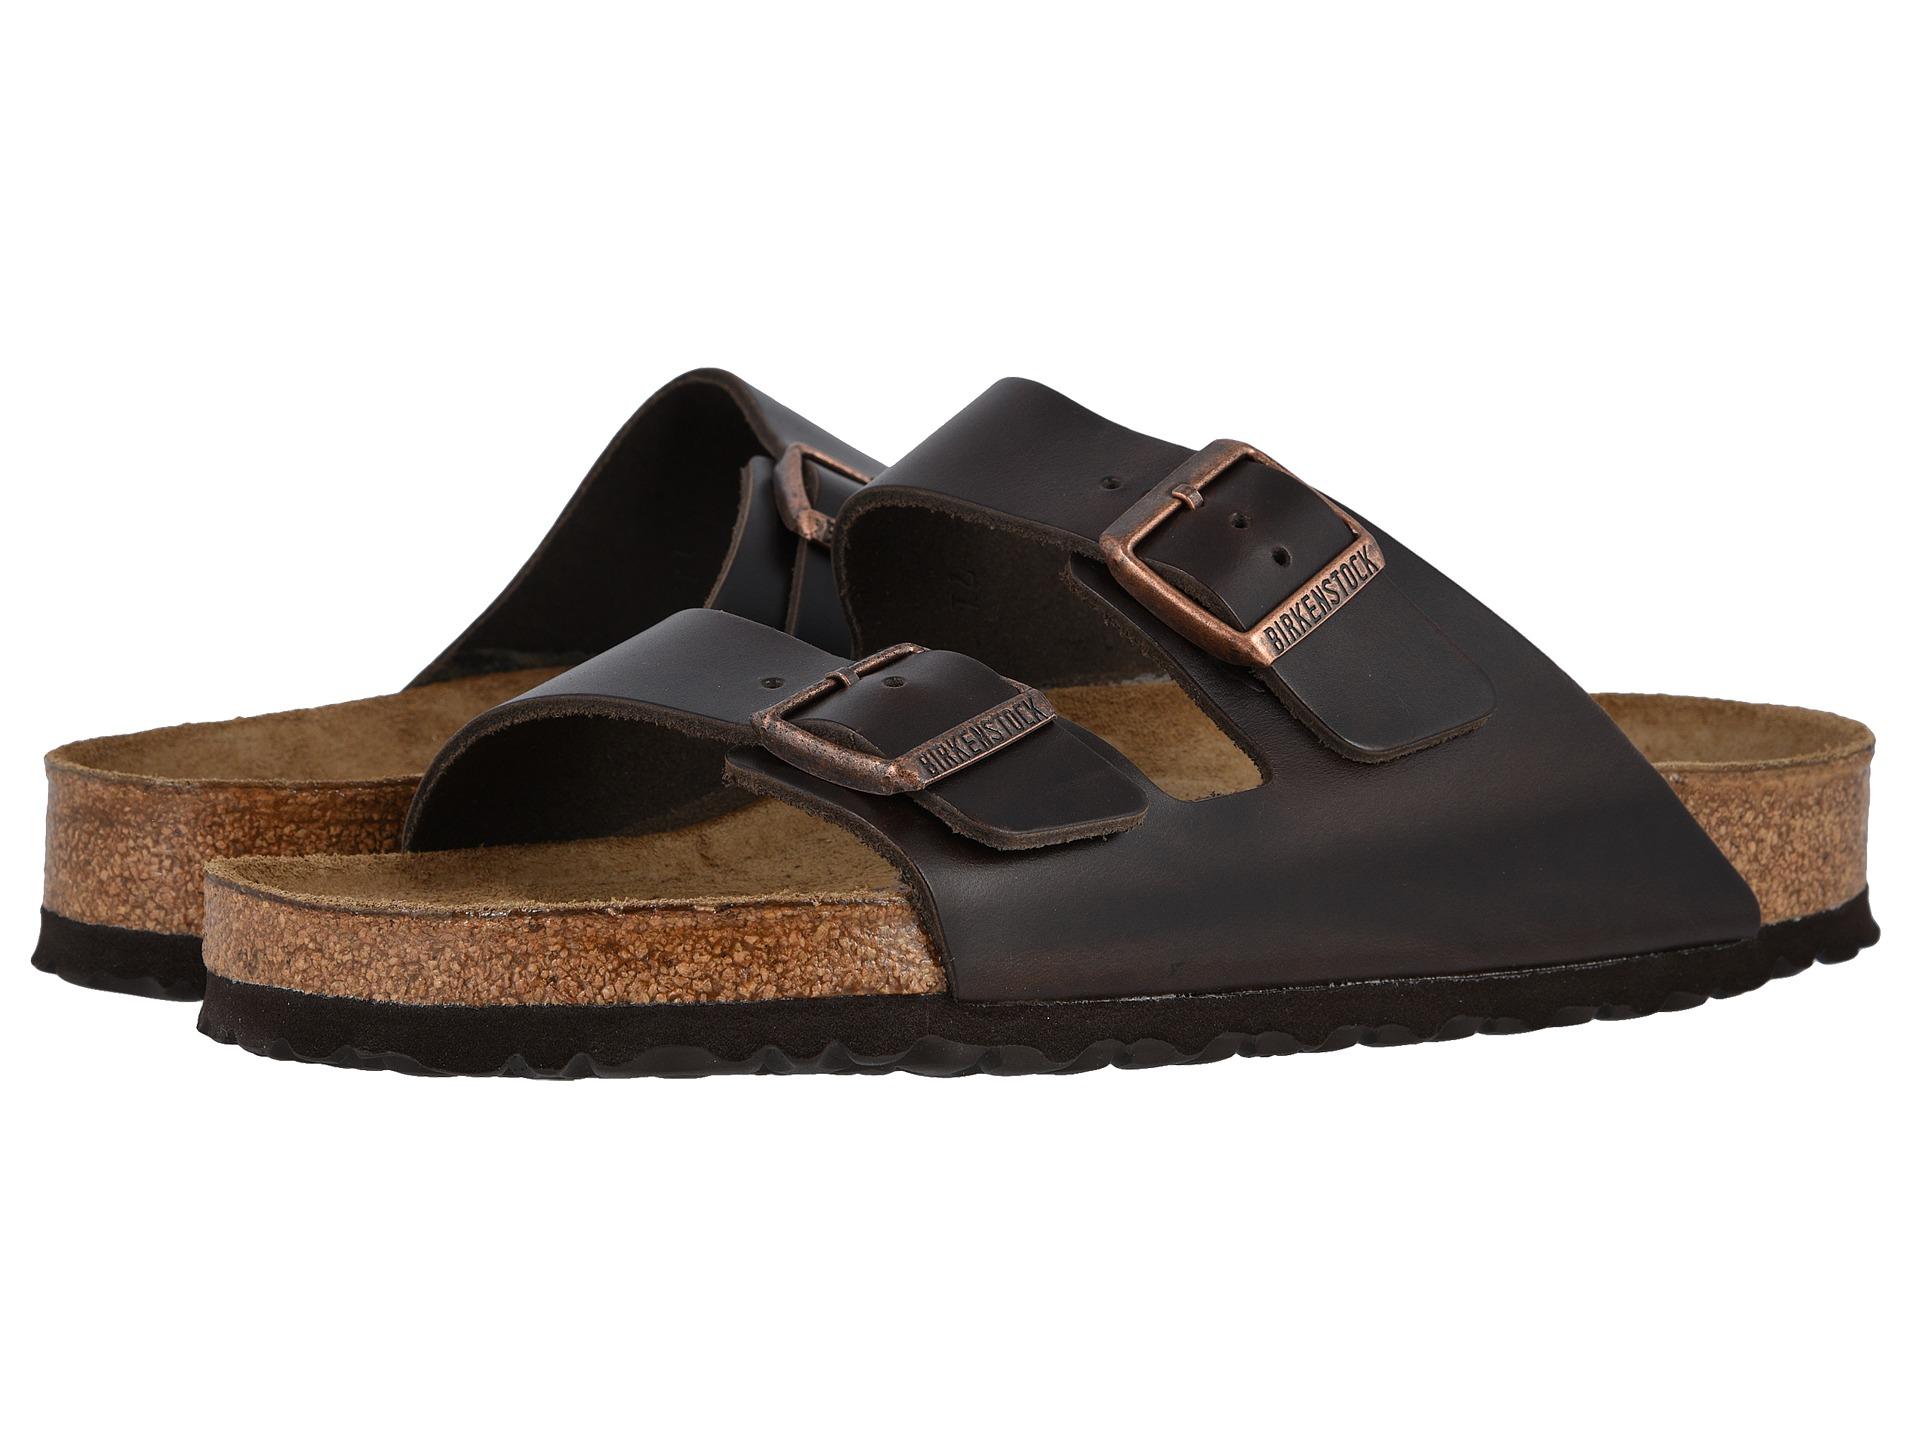 Amalfi Shoes On Sale